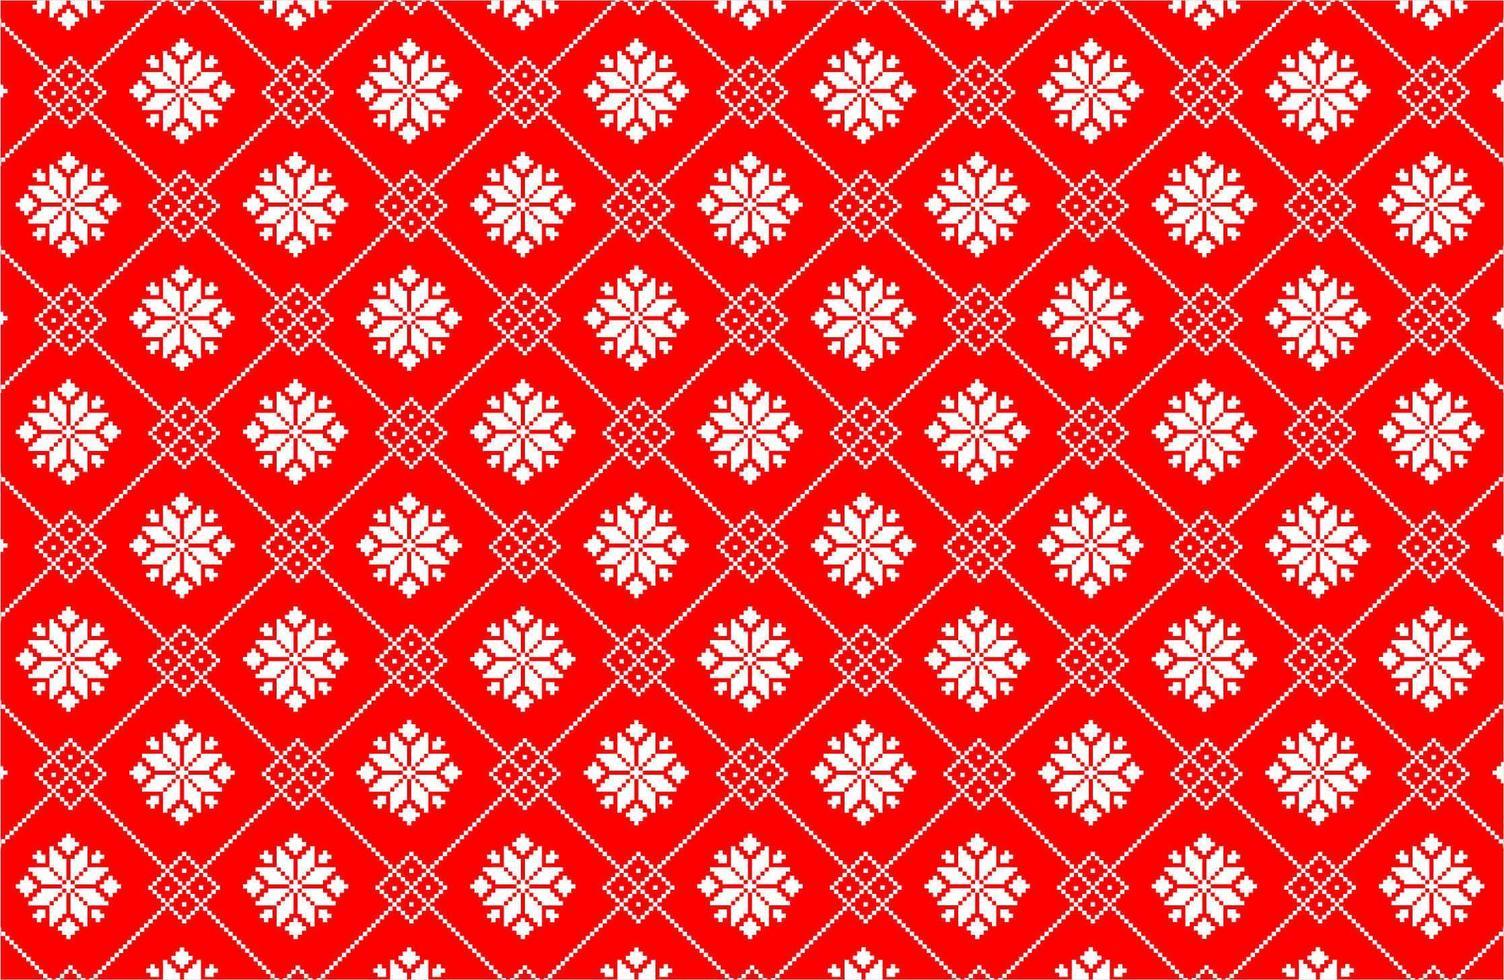 julstjärna pixelmönster vektor